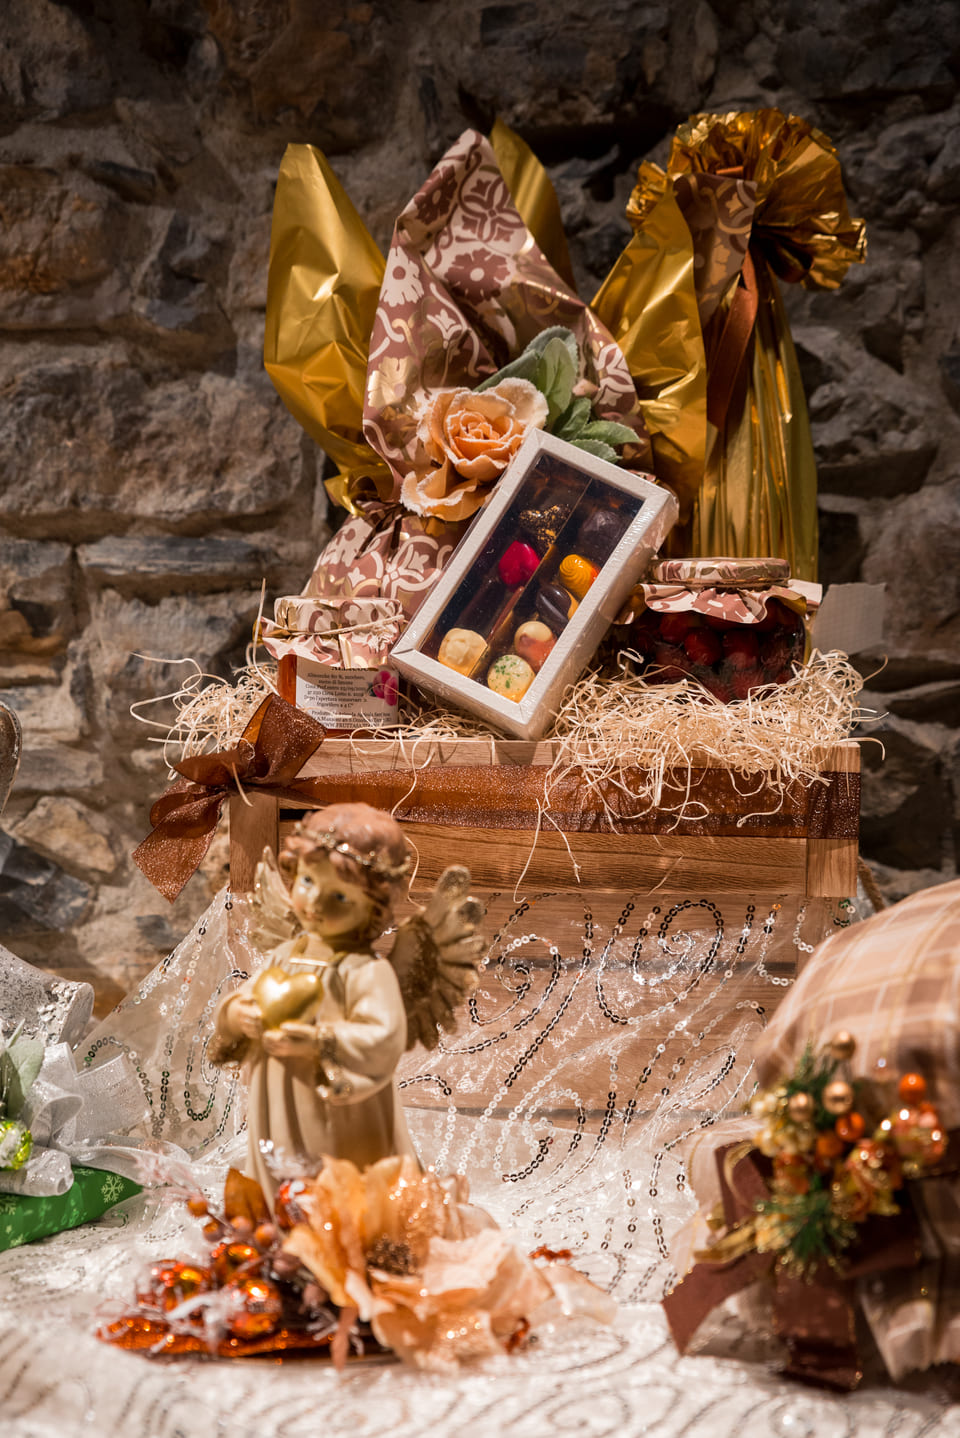 Dolci per festività - cesti natalizi a Bergamo - angelo